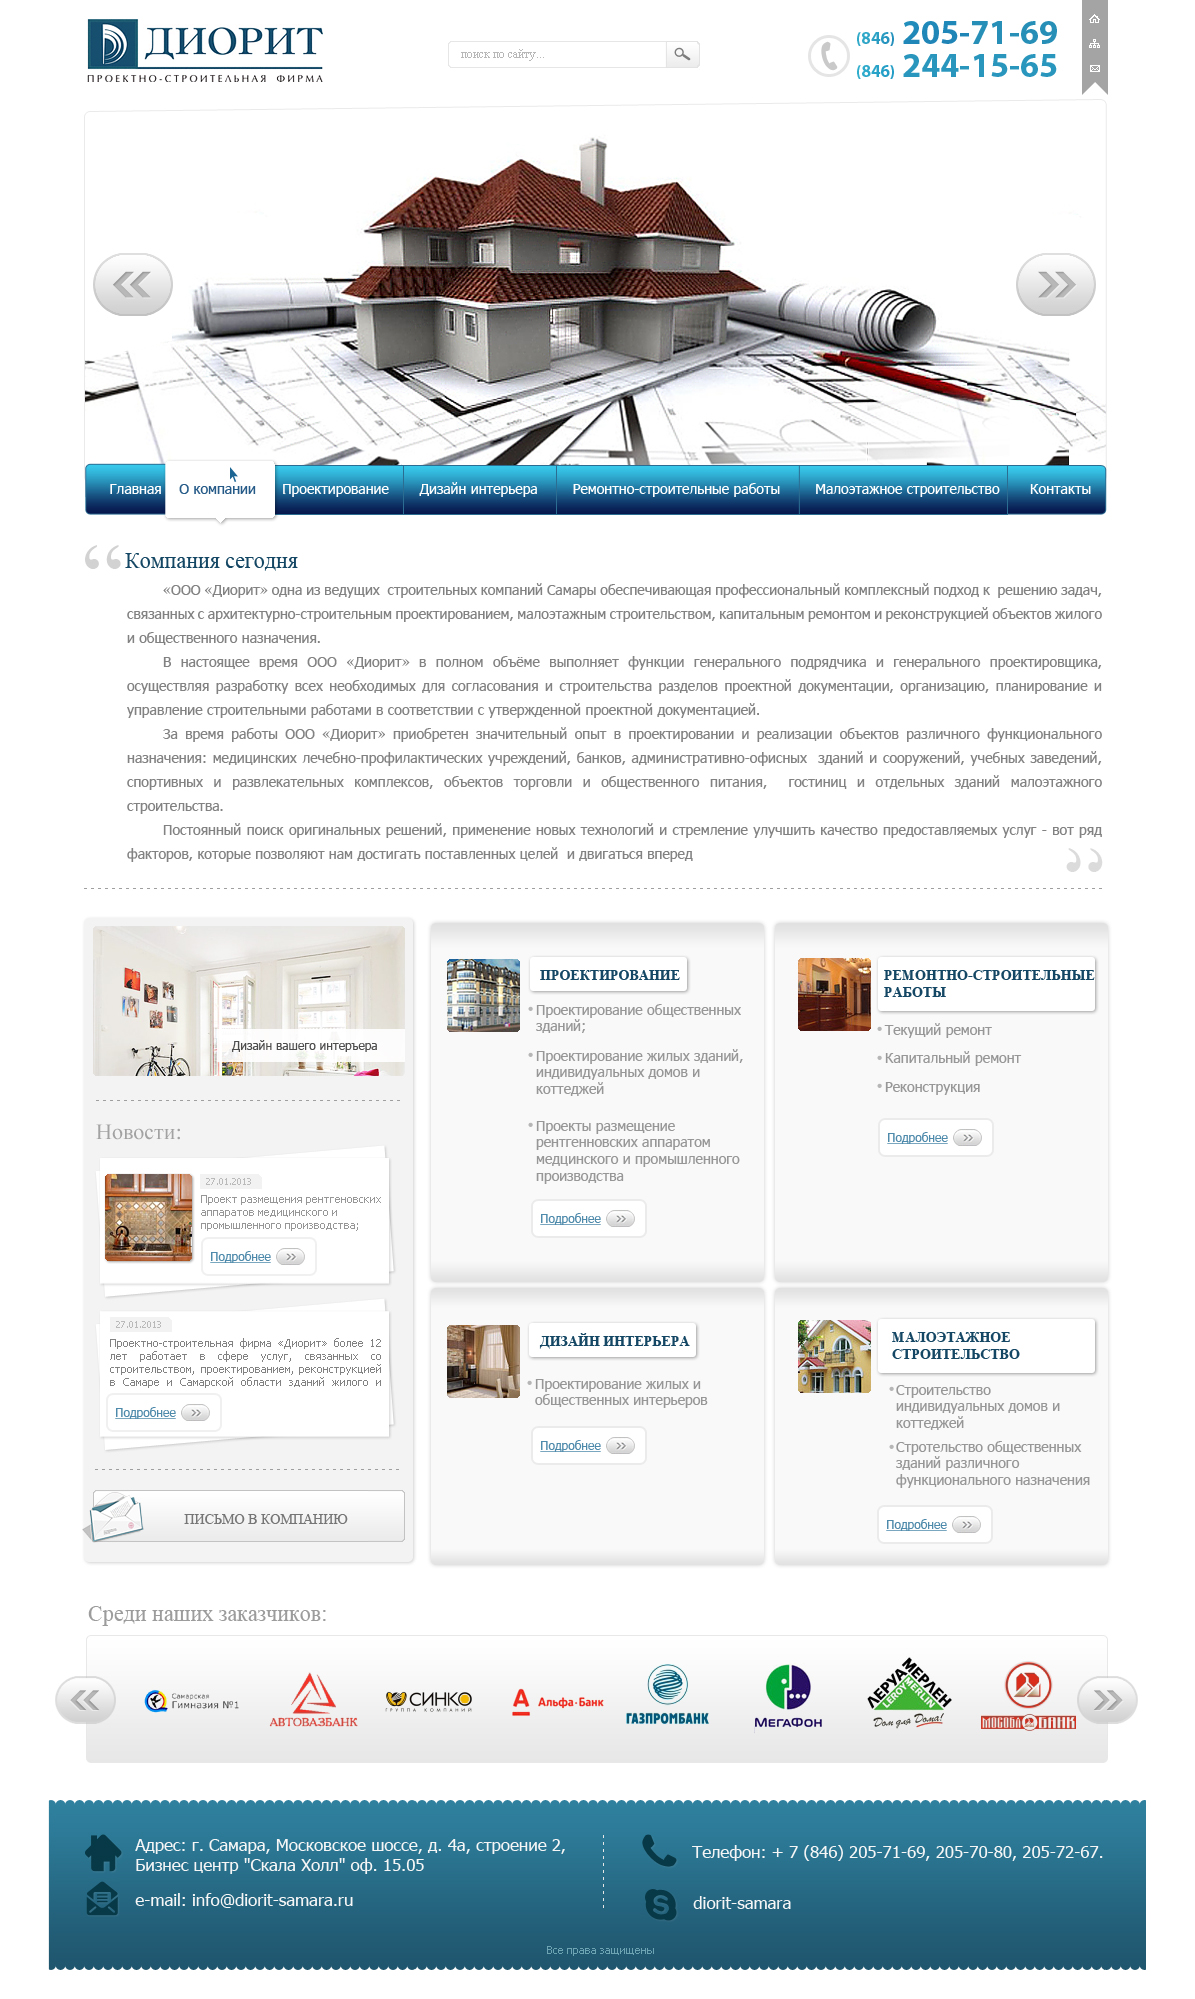 Диорит - проектно строительная фирма